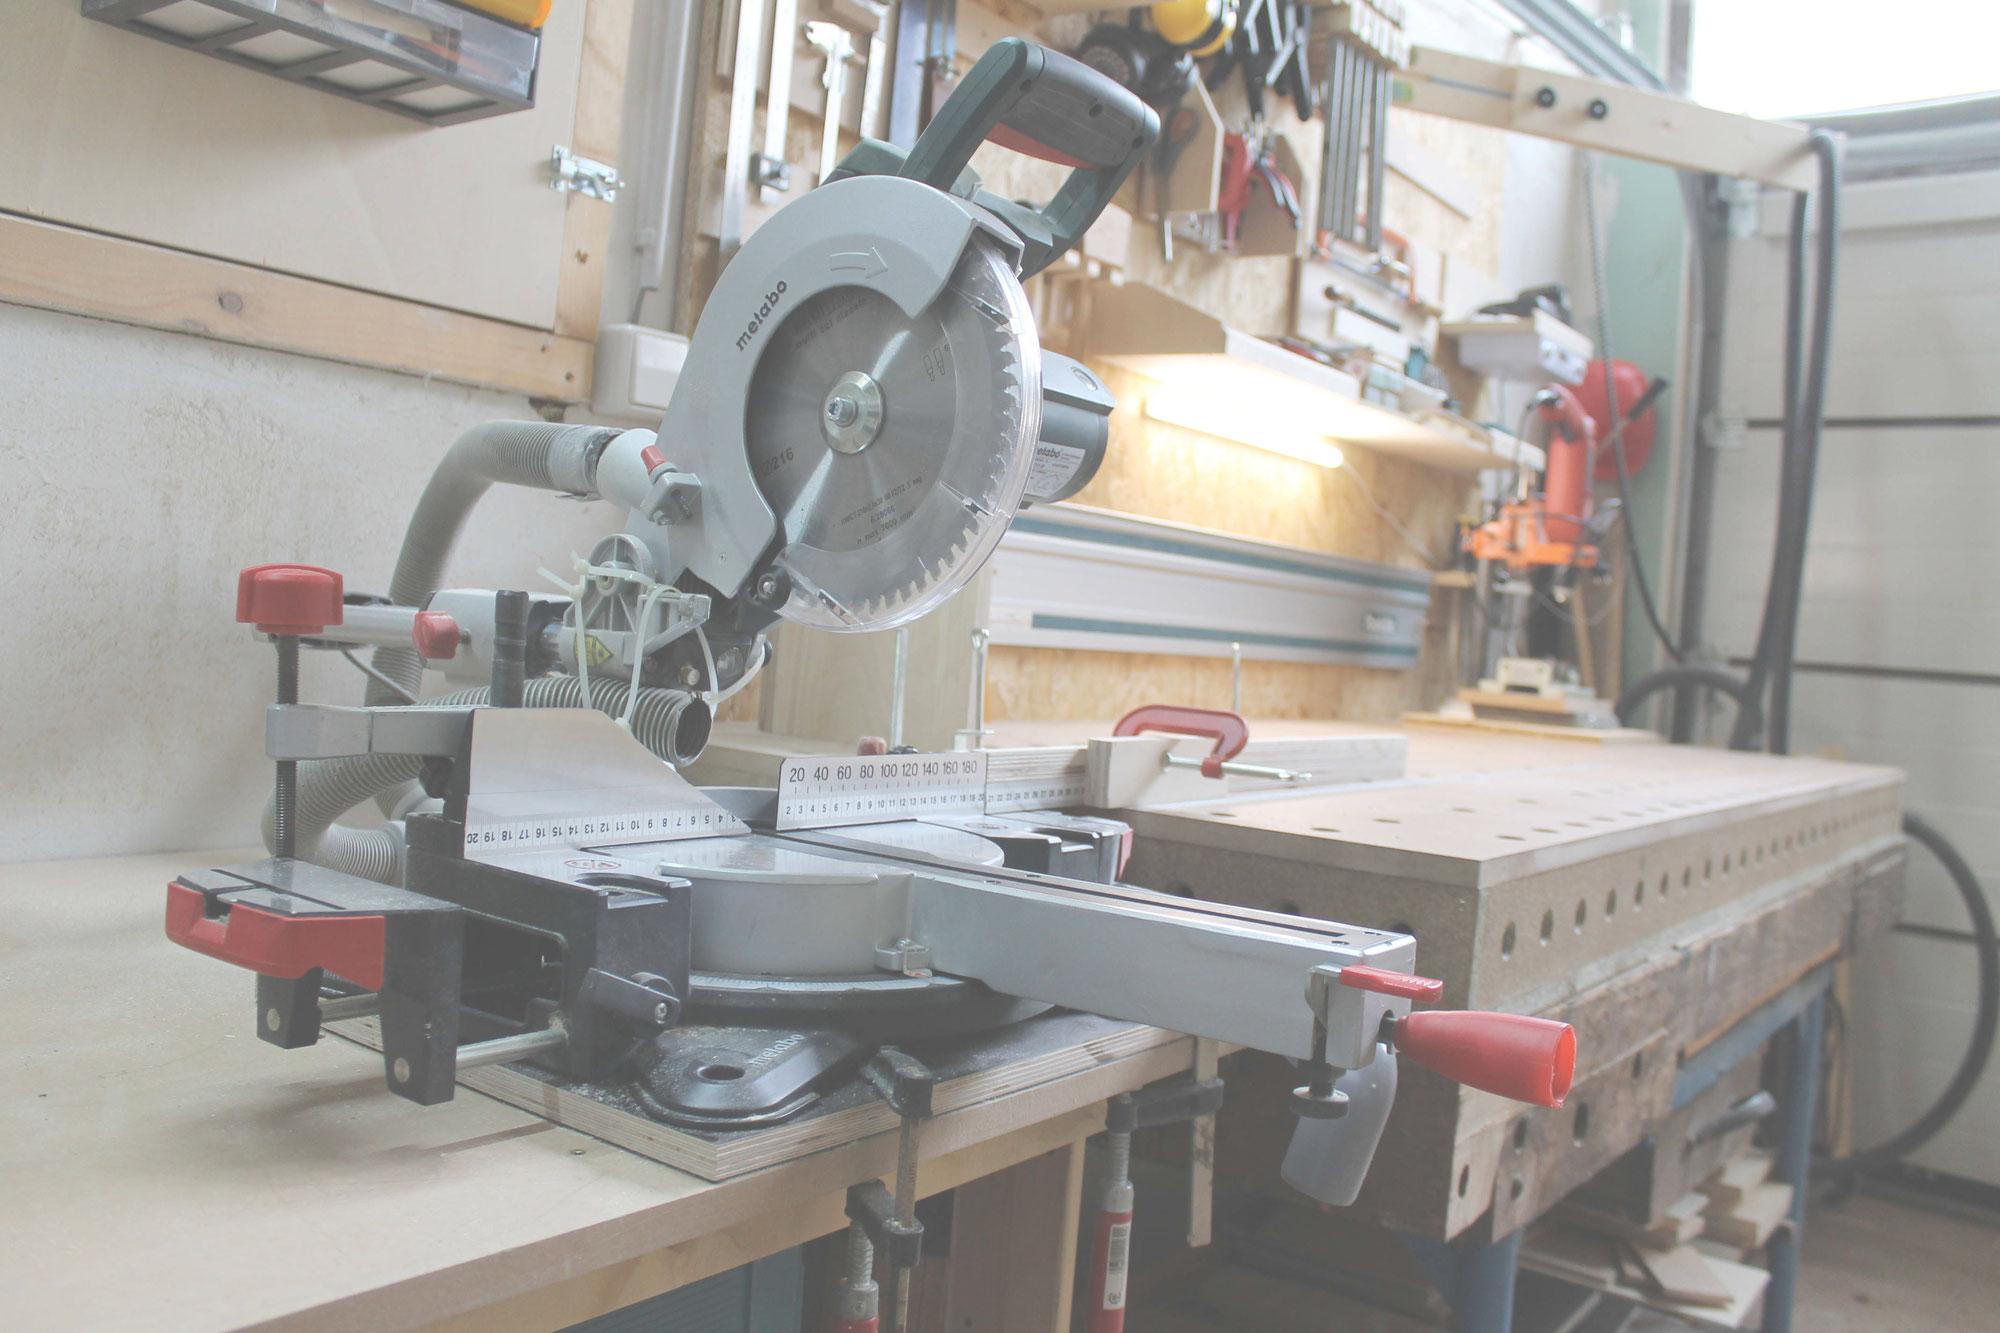 Werkbank selber bauen - Heimwerker - tutorial zum Thema DIY